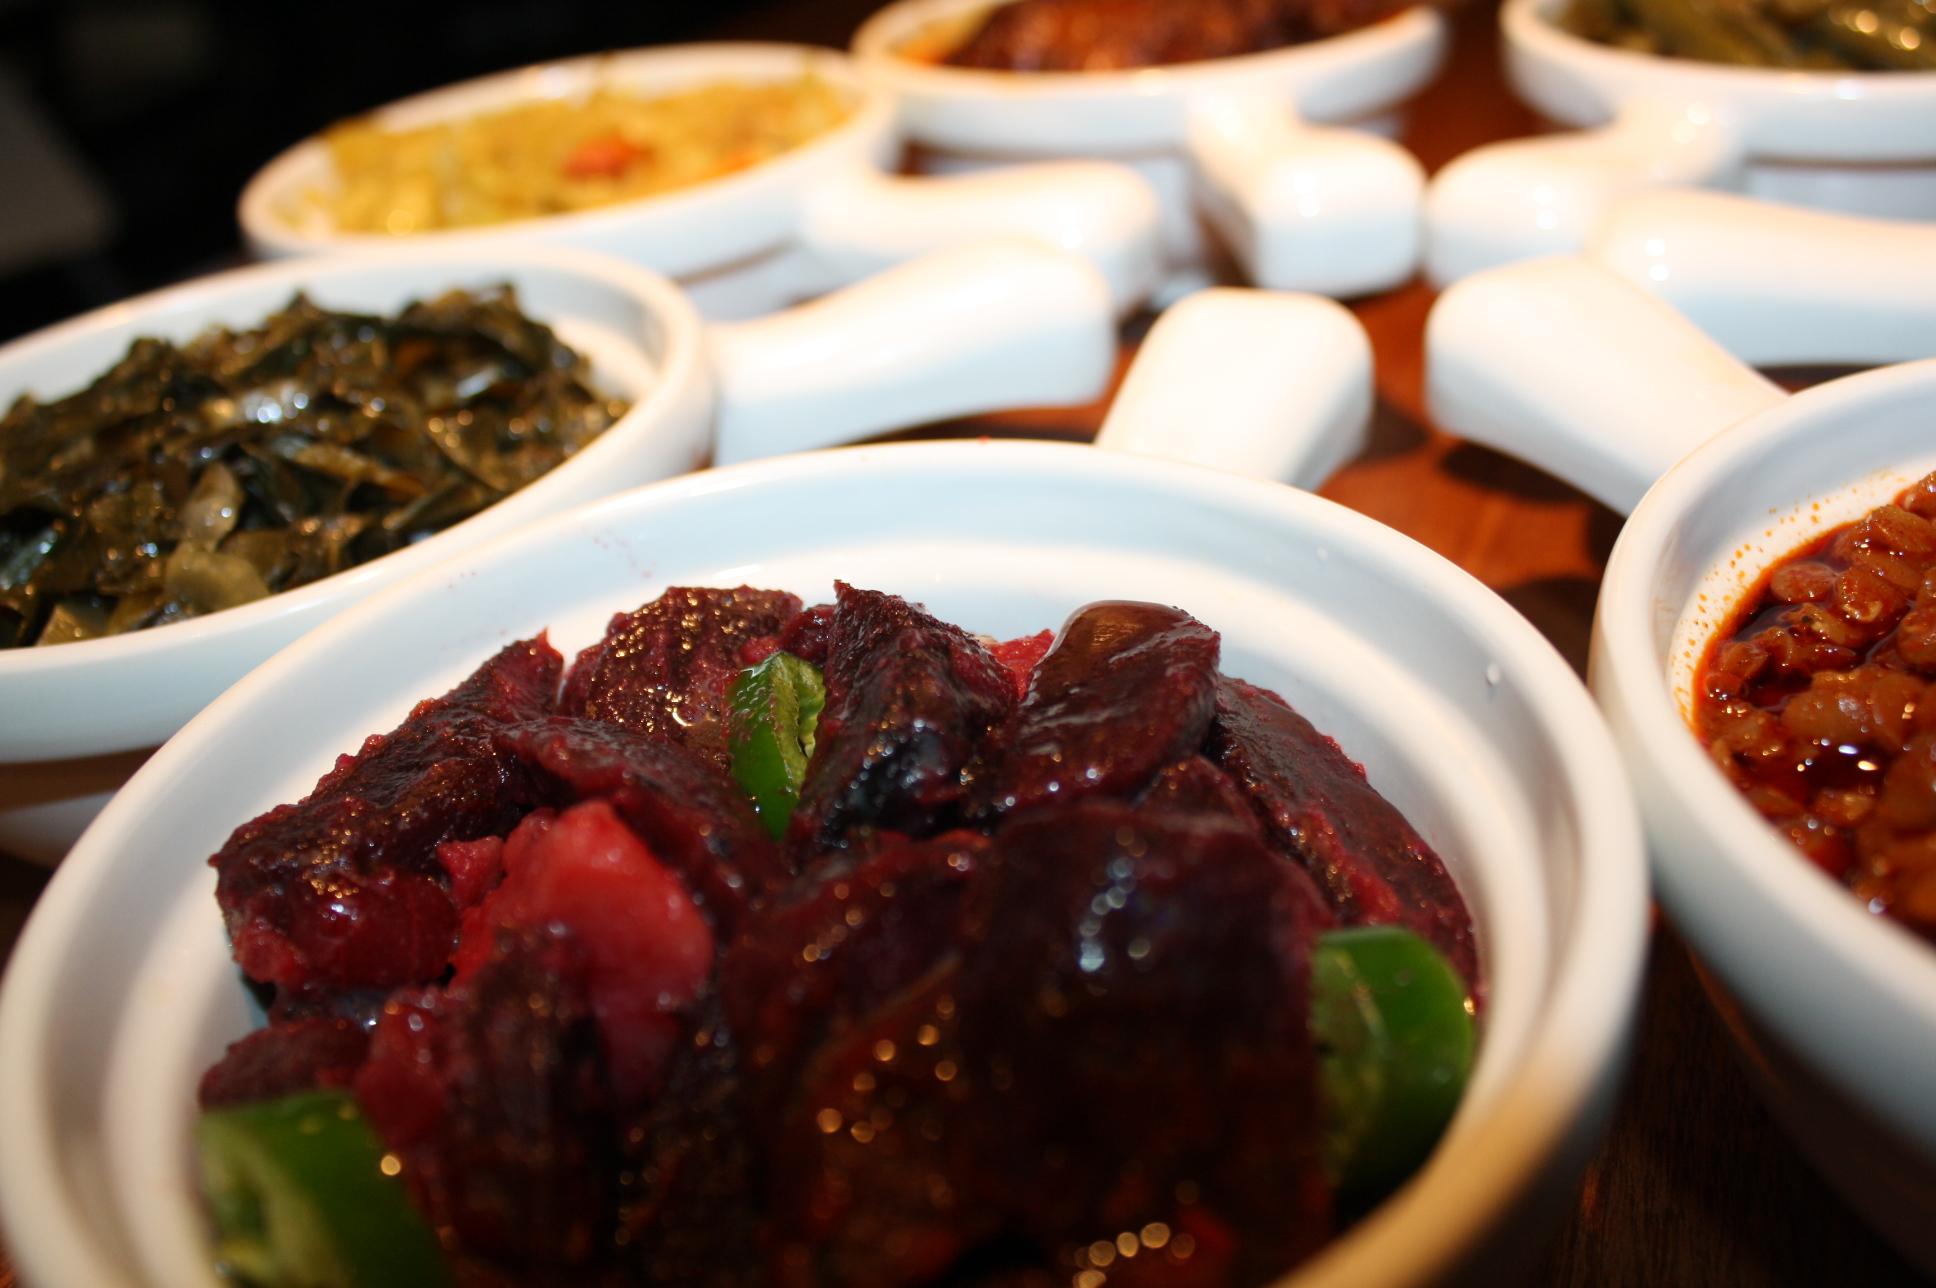 ቀይ ሥር KeY SiR @ Benyam Ethiopian Cuisine